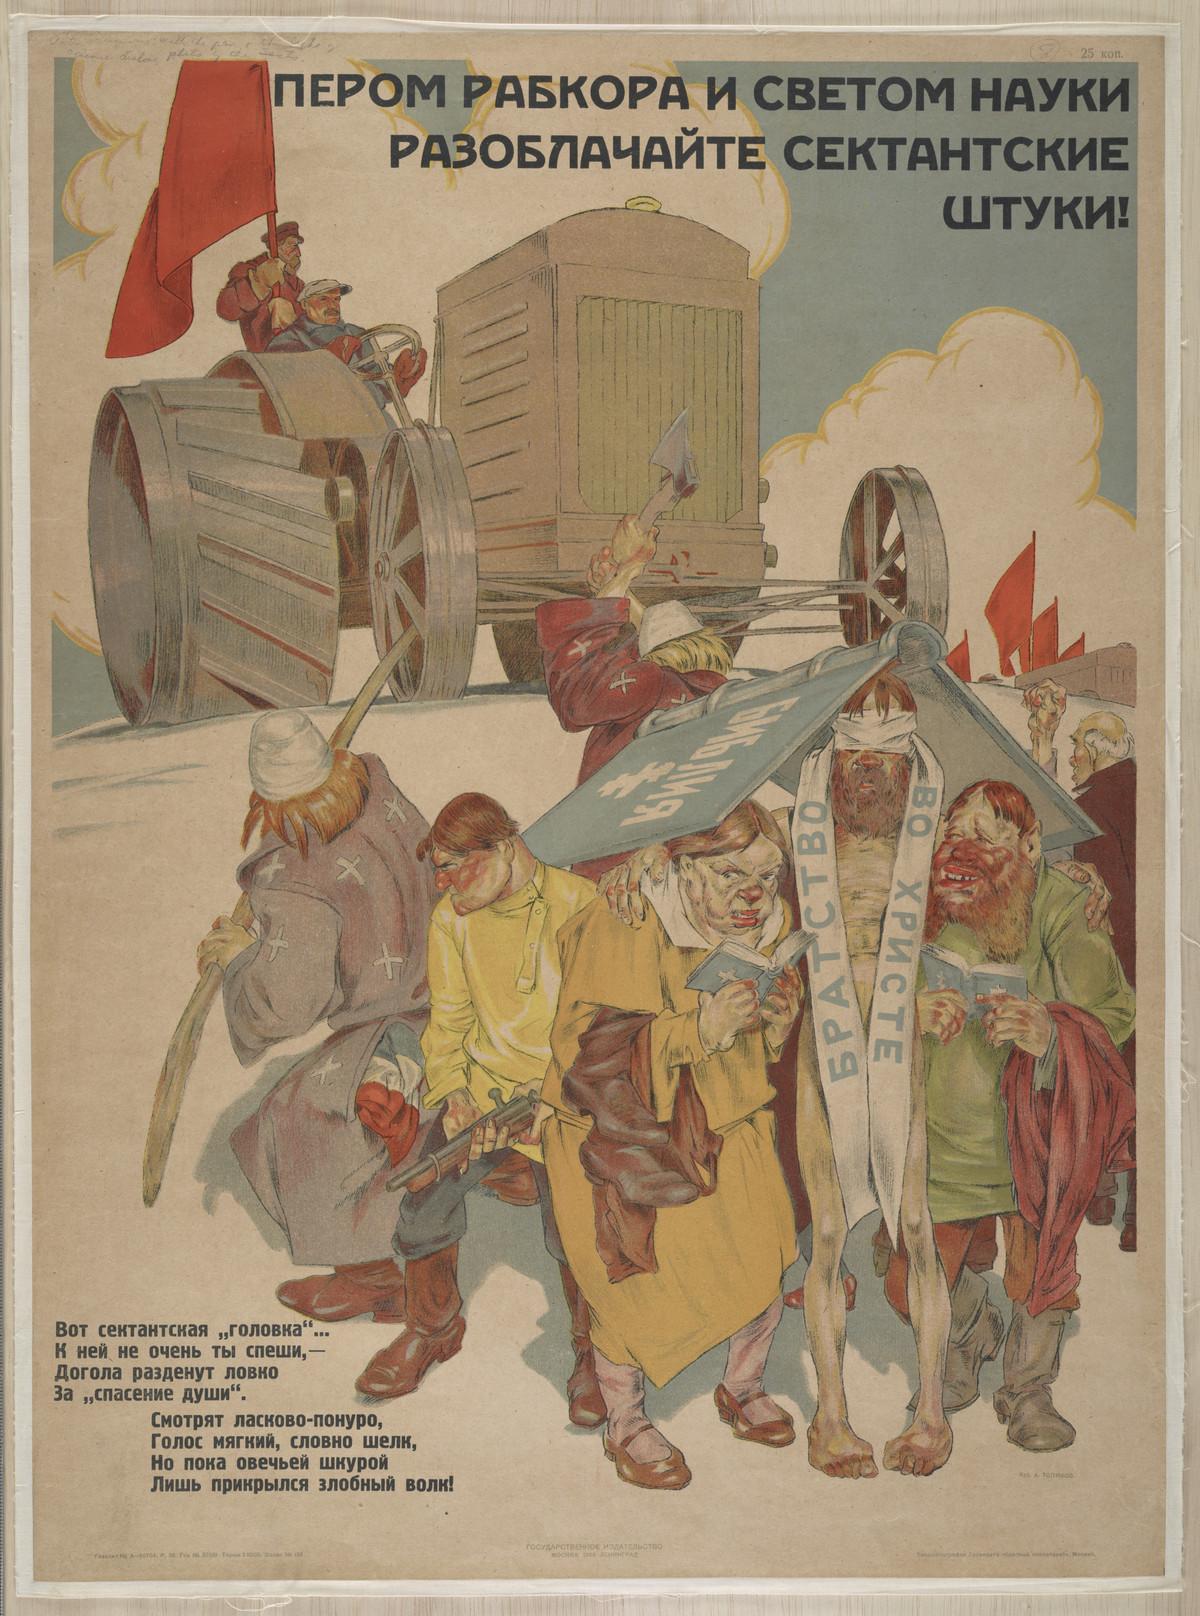 sovetskie-kommunisticheskie-plakaty_20